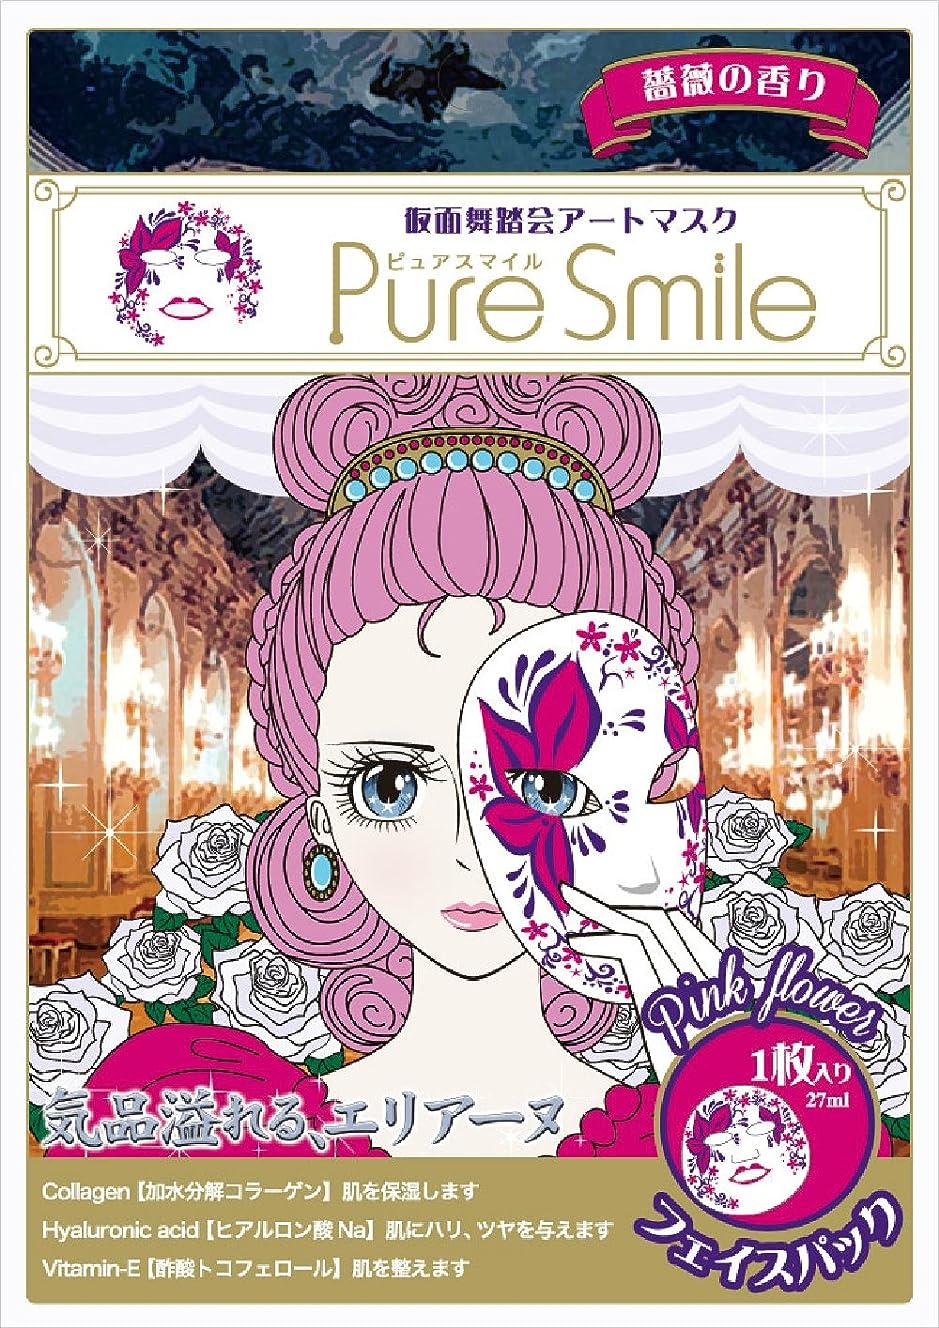 出来事心のこもったシダPure Smile ピュアスマイル 仮面舞踏会アートマスク ピンクフラワー